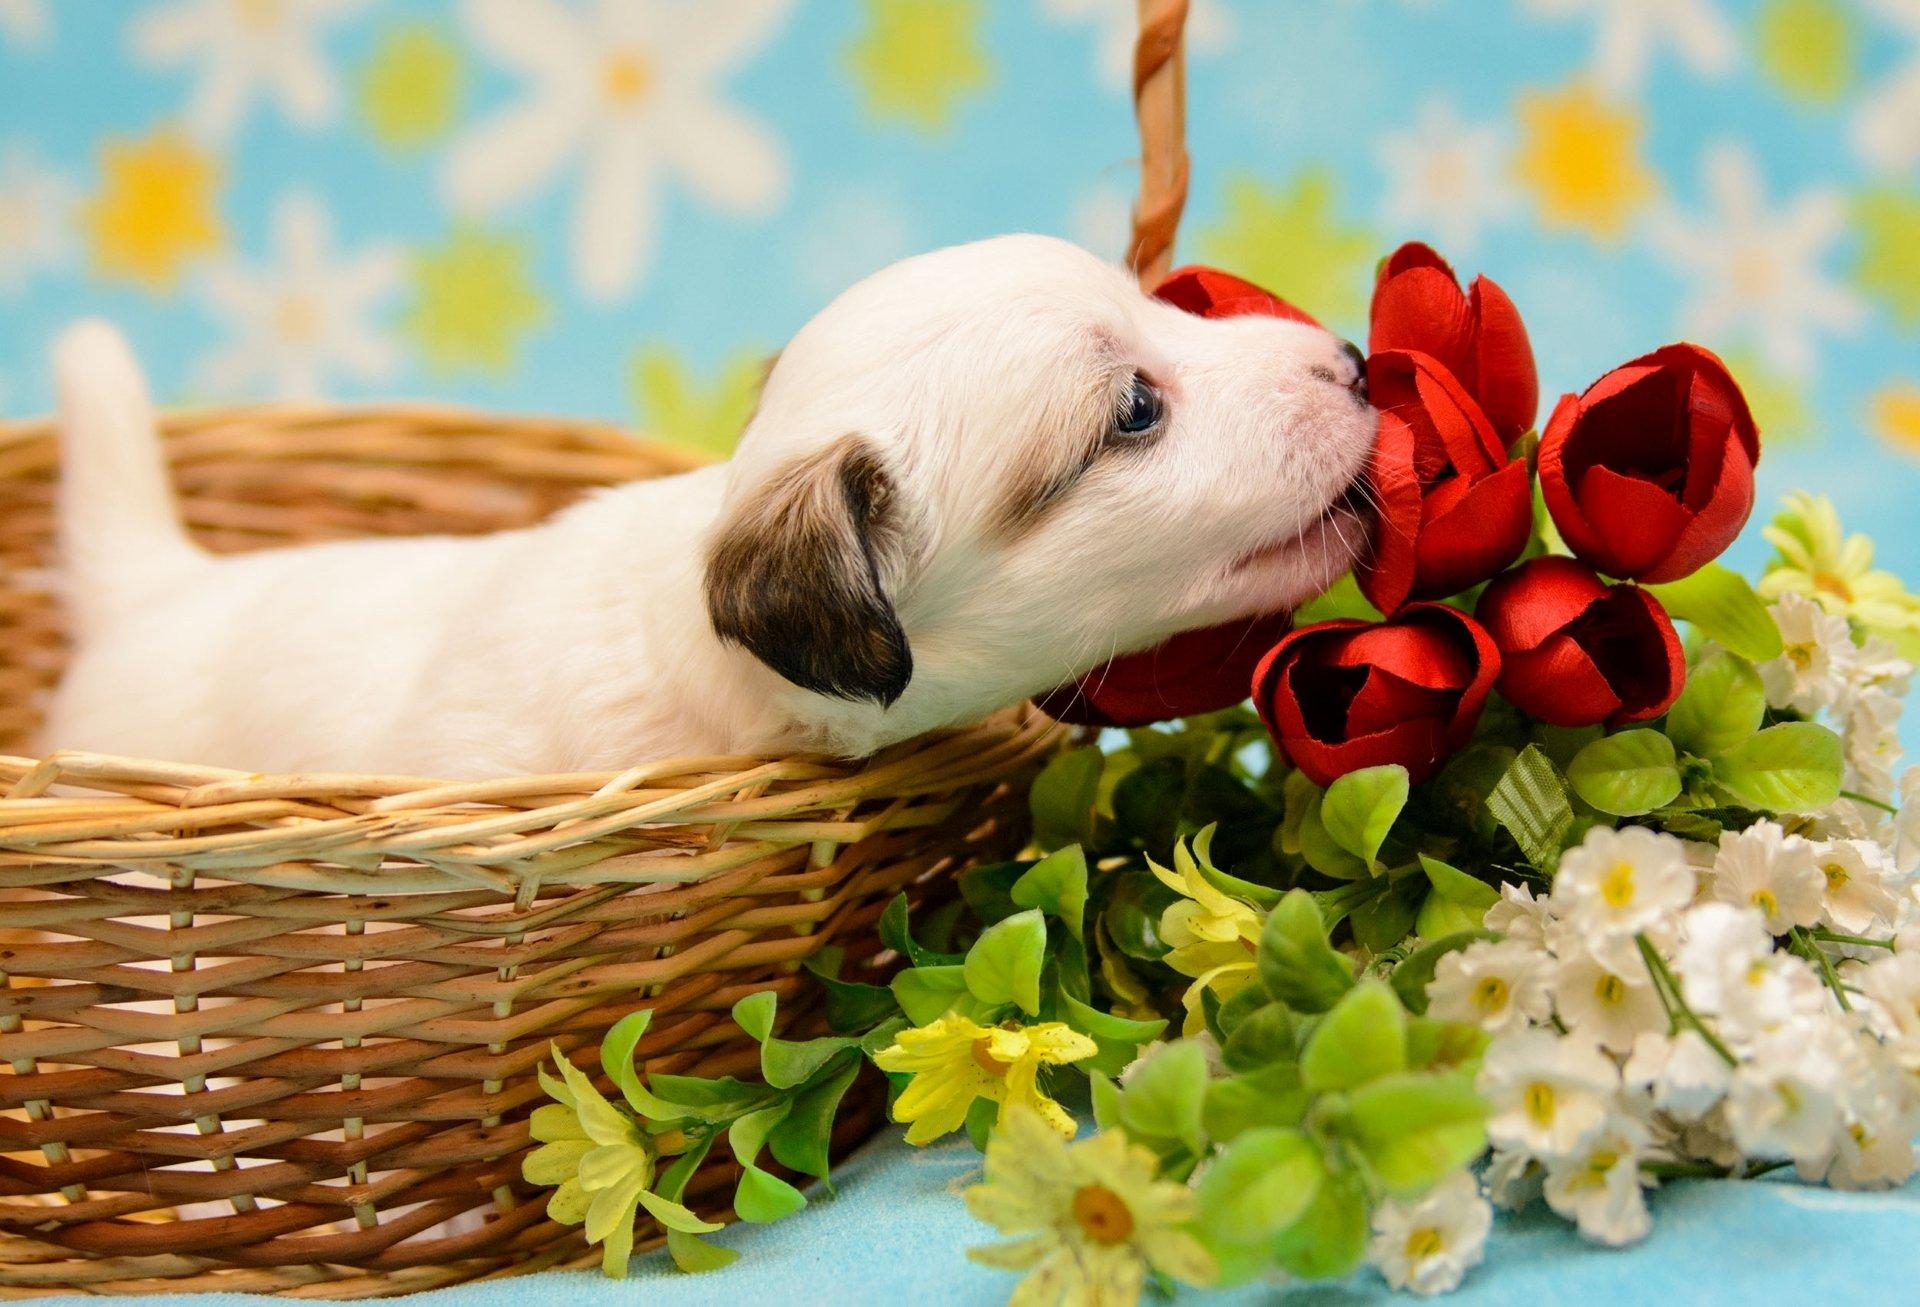 щенок и цветы картинки куплена распродажах загородных